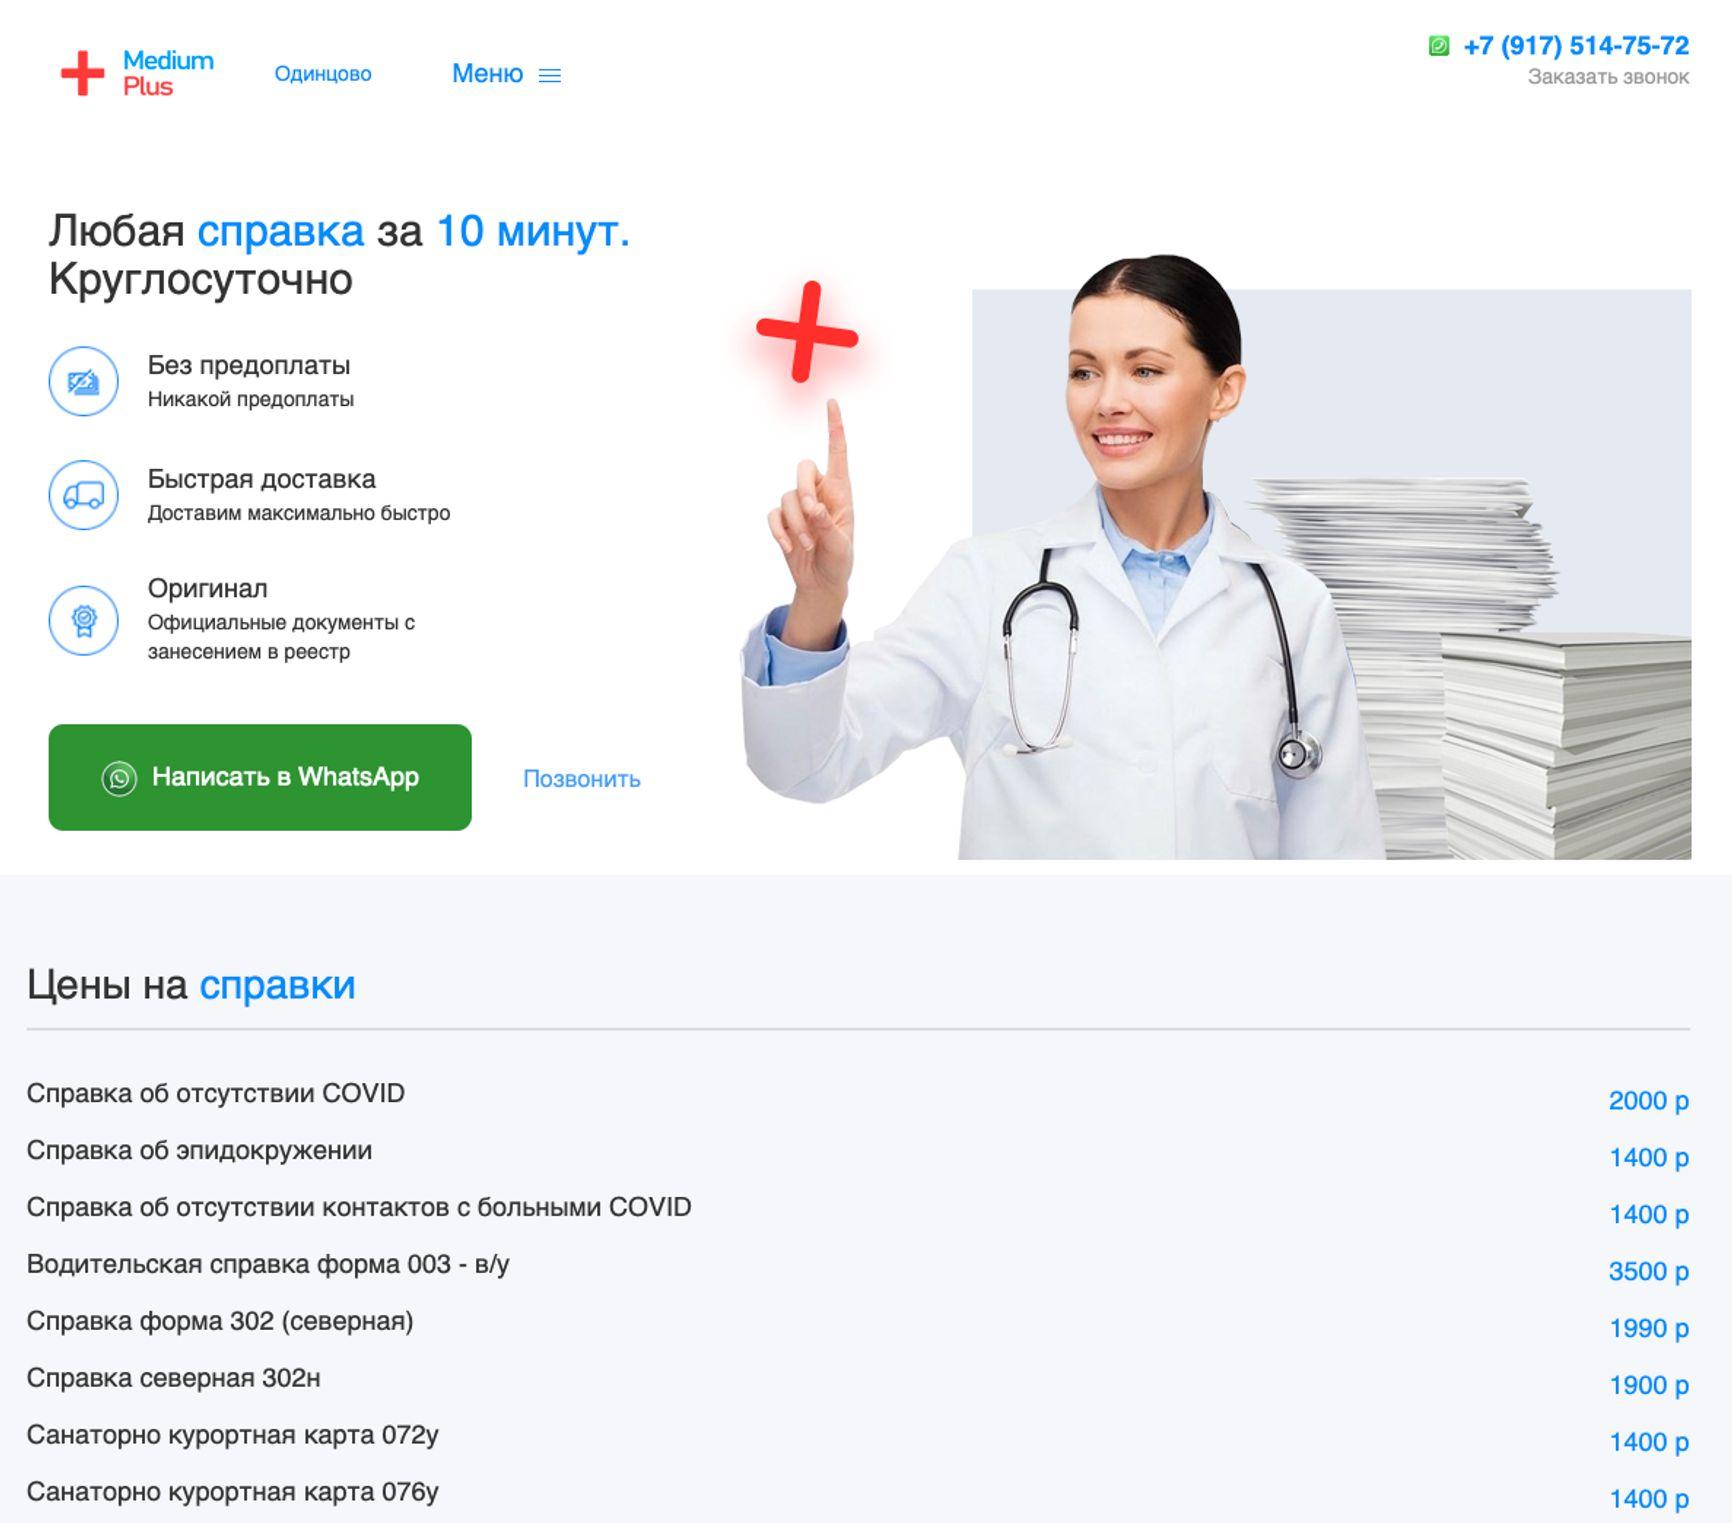 Типичная реклама продажи любых медицинских справок для российских граждан